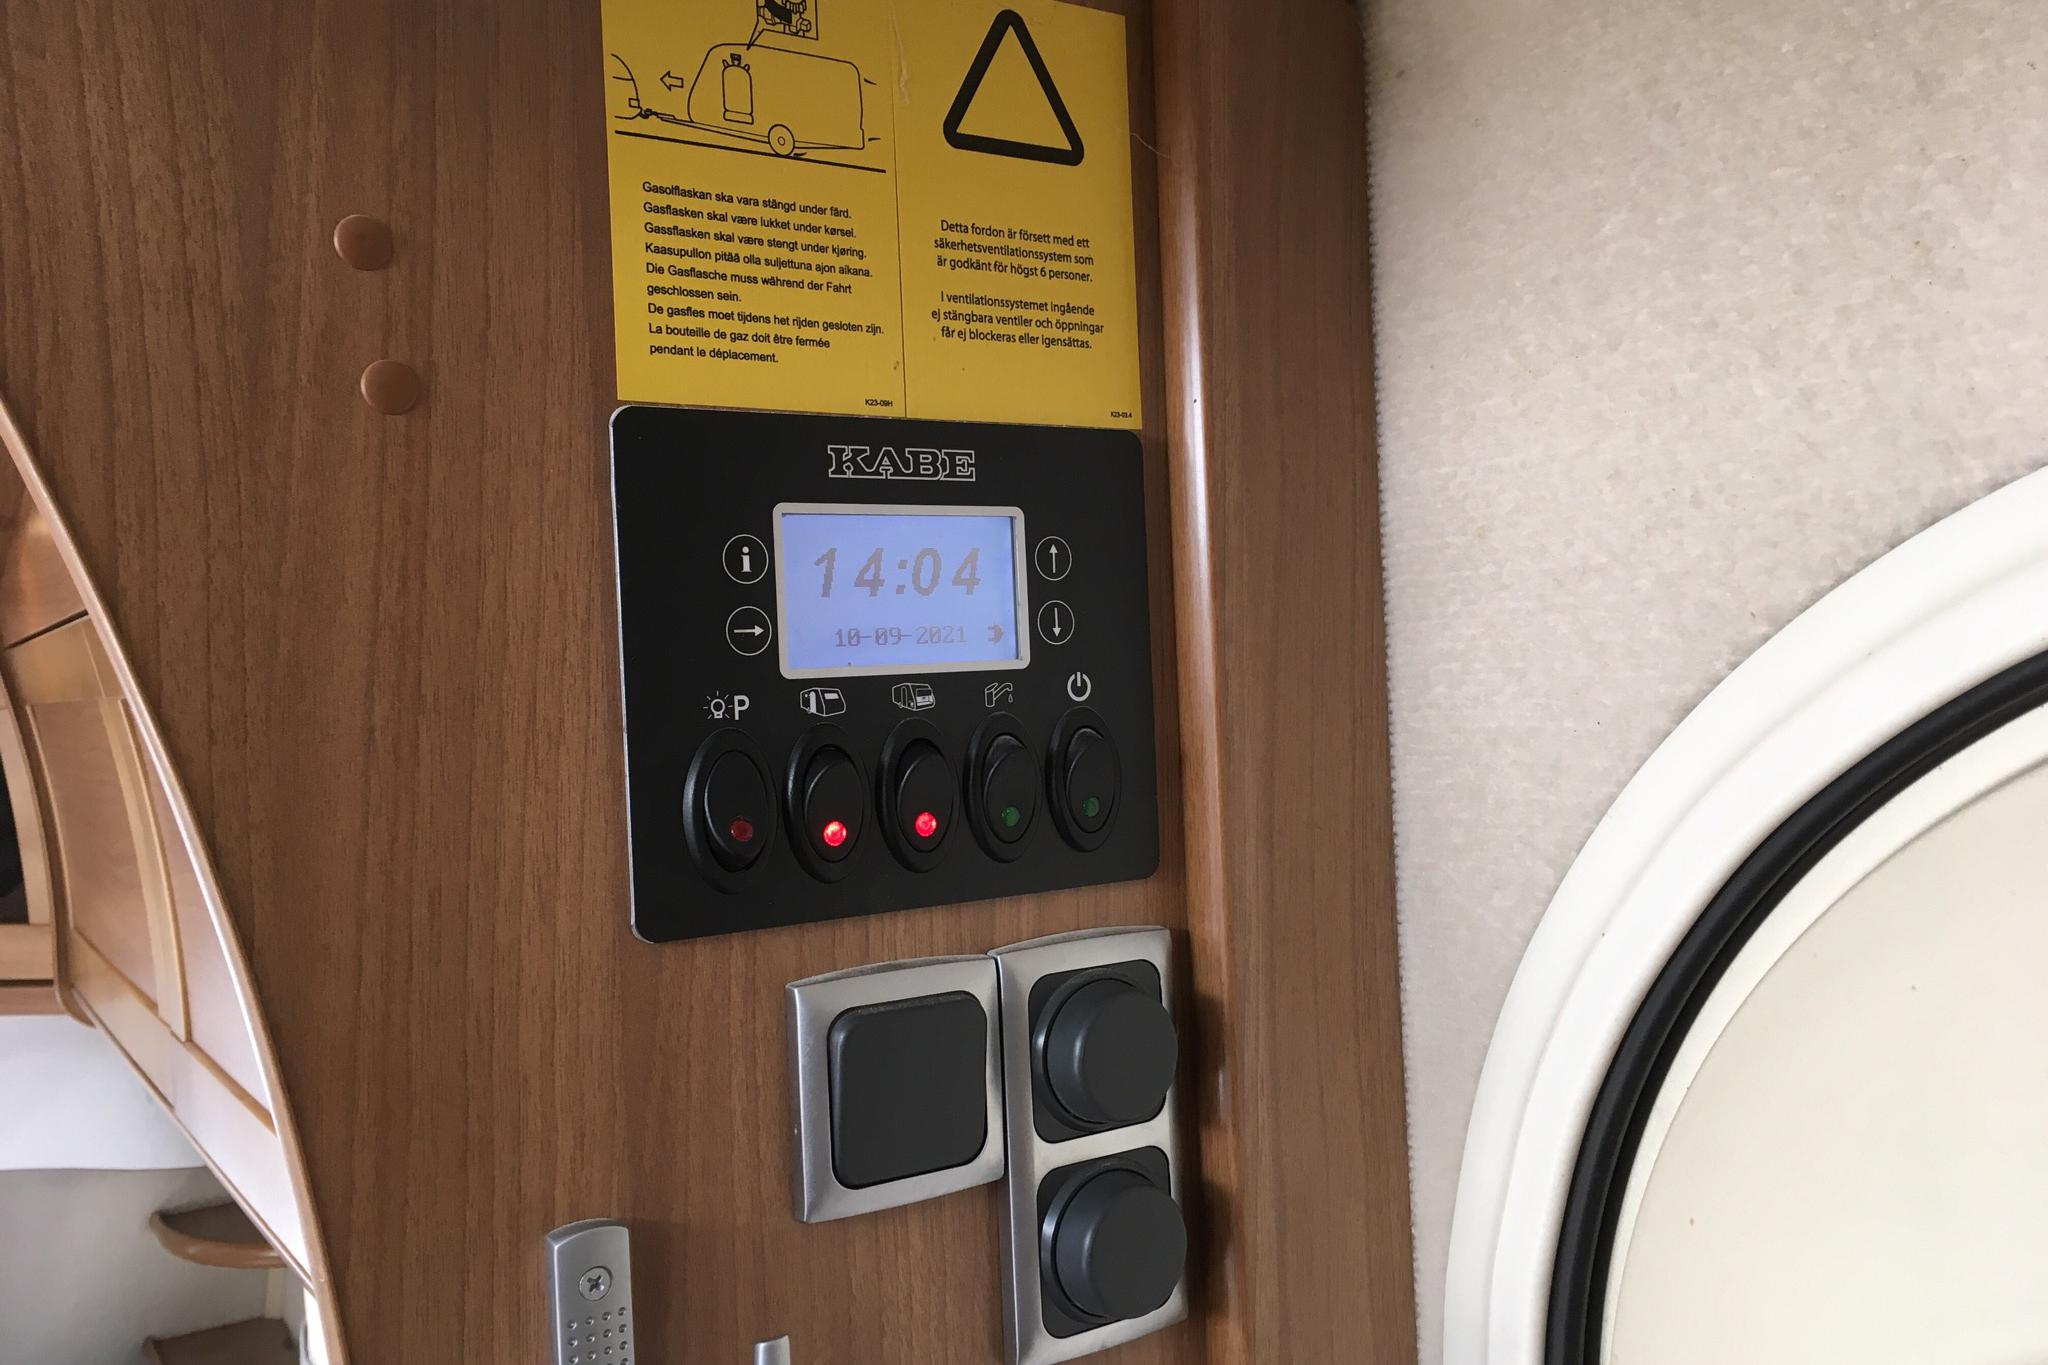 KABE Royal 780 ETDL KS Husvagn - 0 km - white - 2009